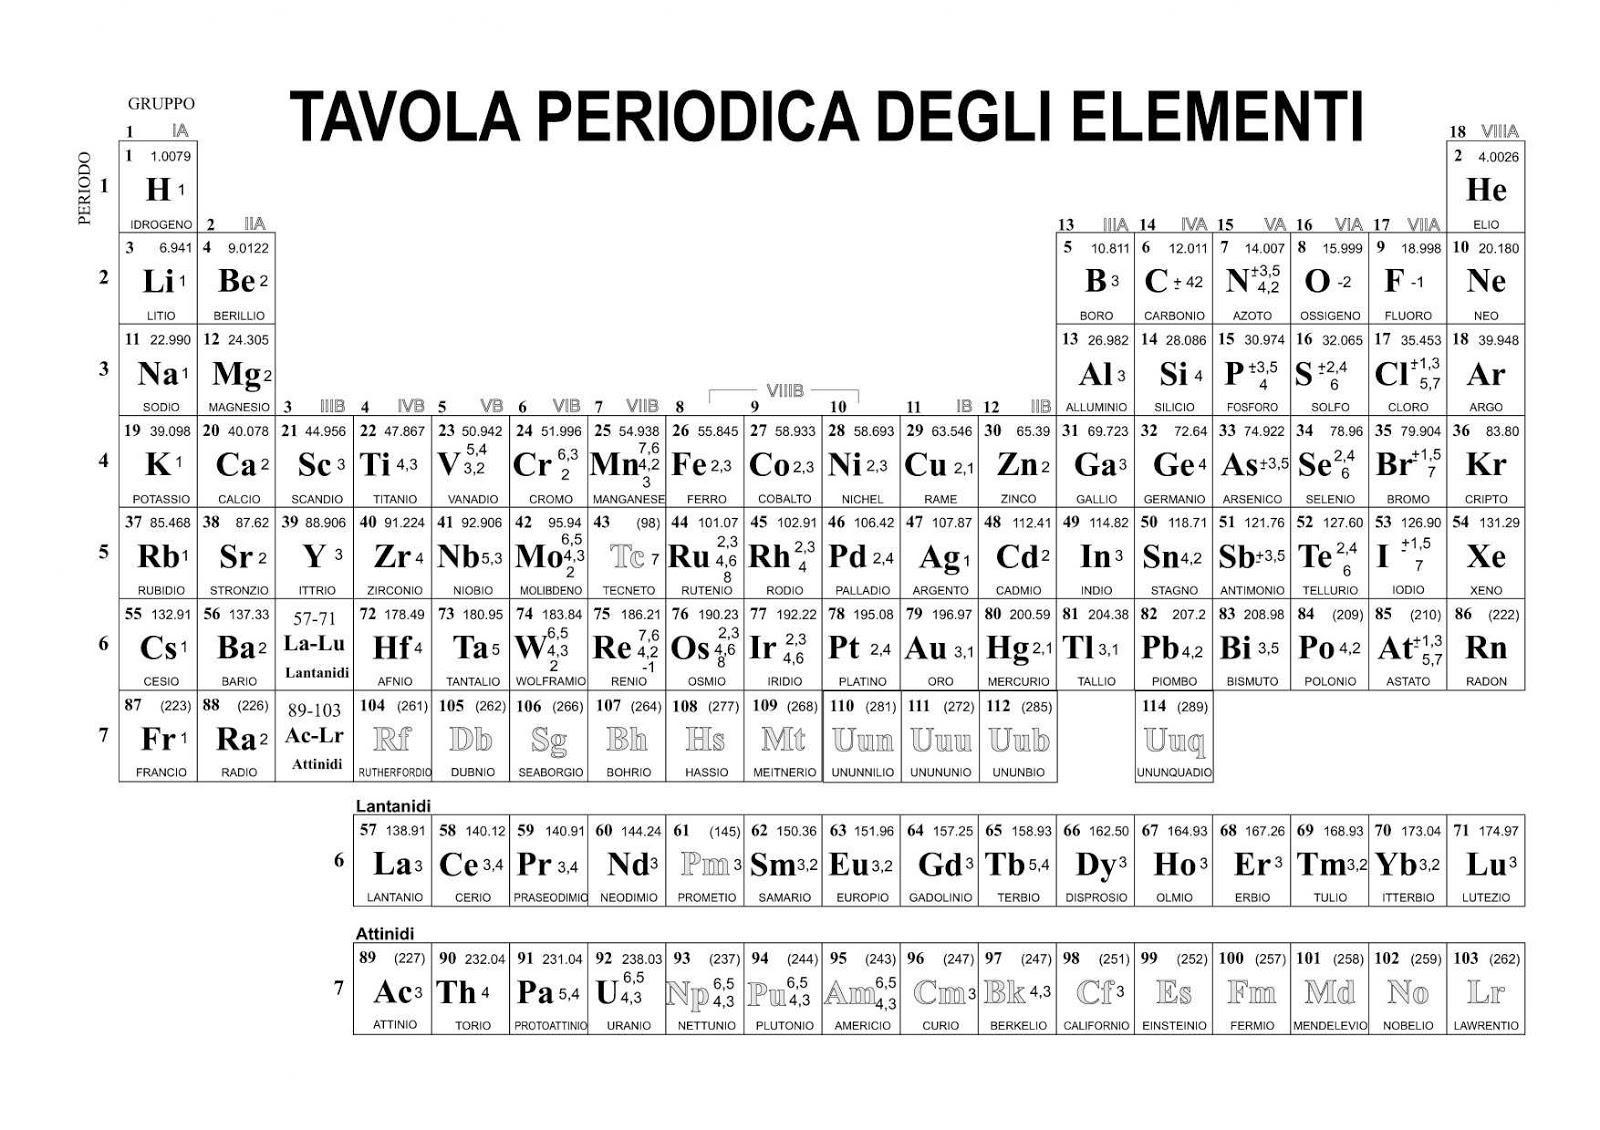 61ll35 ok panico - Tavola periodica degli elementi pdf ...